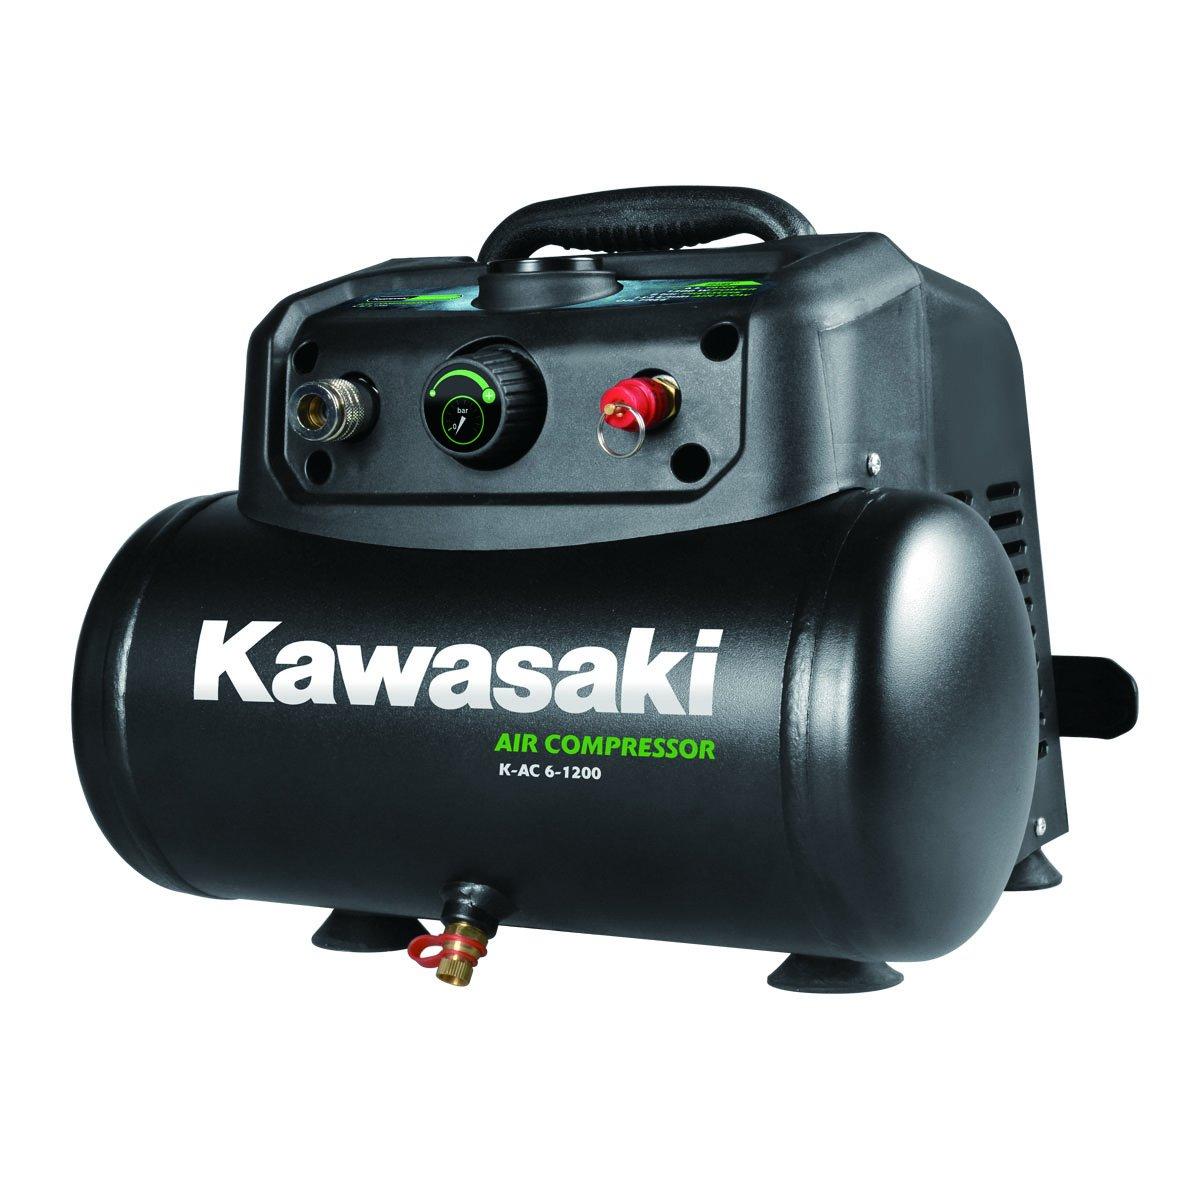 Kawasaki Kompressor, Luftkompressor, 1200W, Ö lfreier Motor, 8 Bar, 6 Liter Tank, tragbar, 180 l/min Matrix 603010980